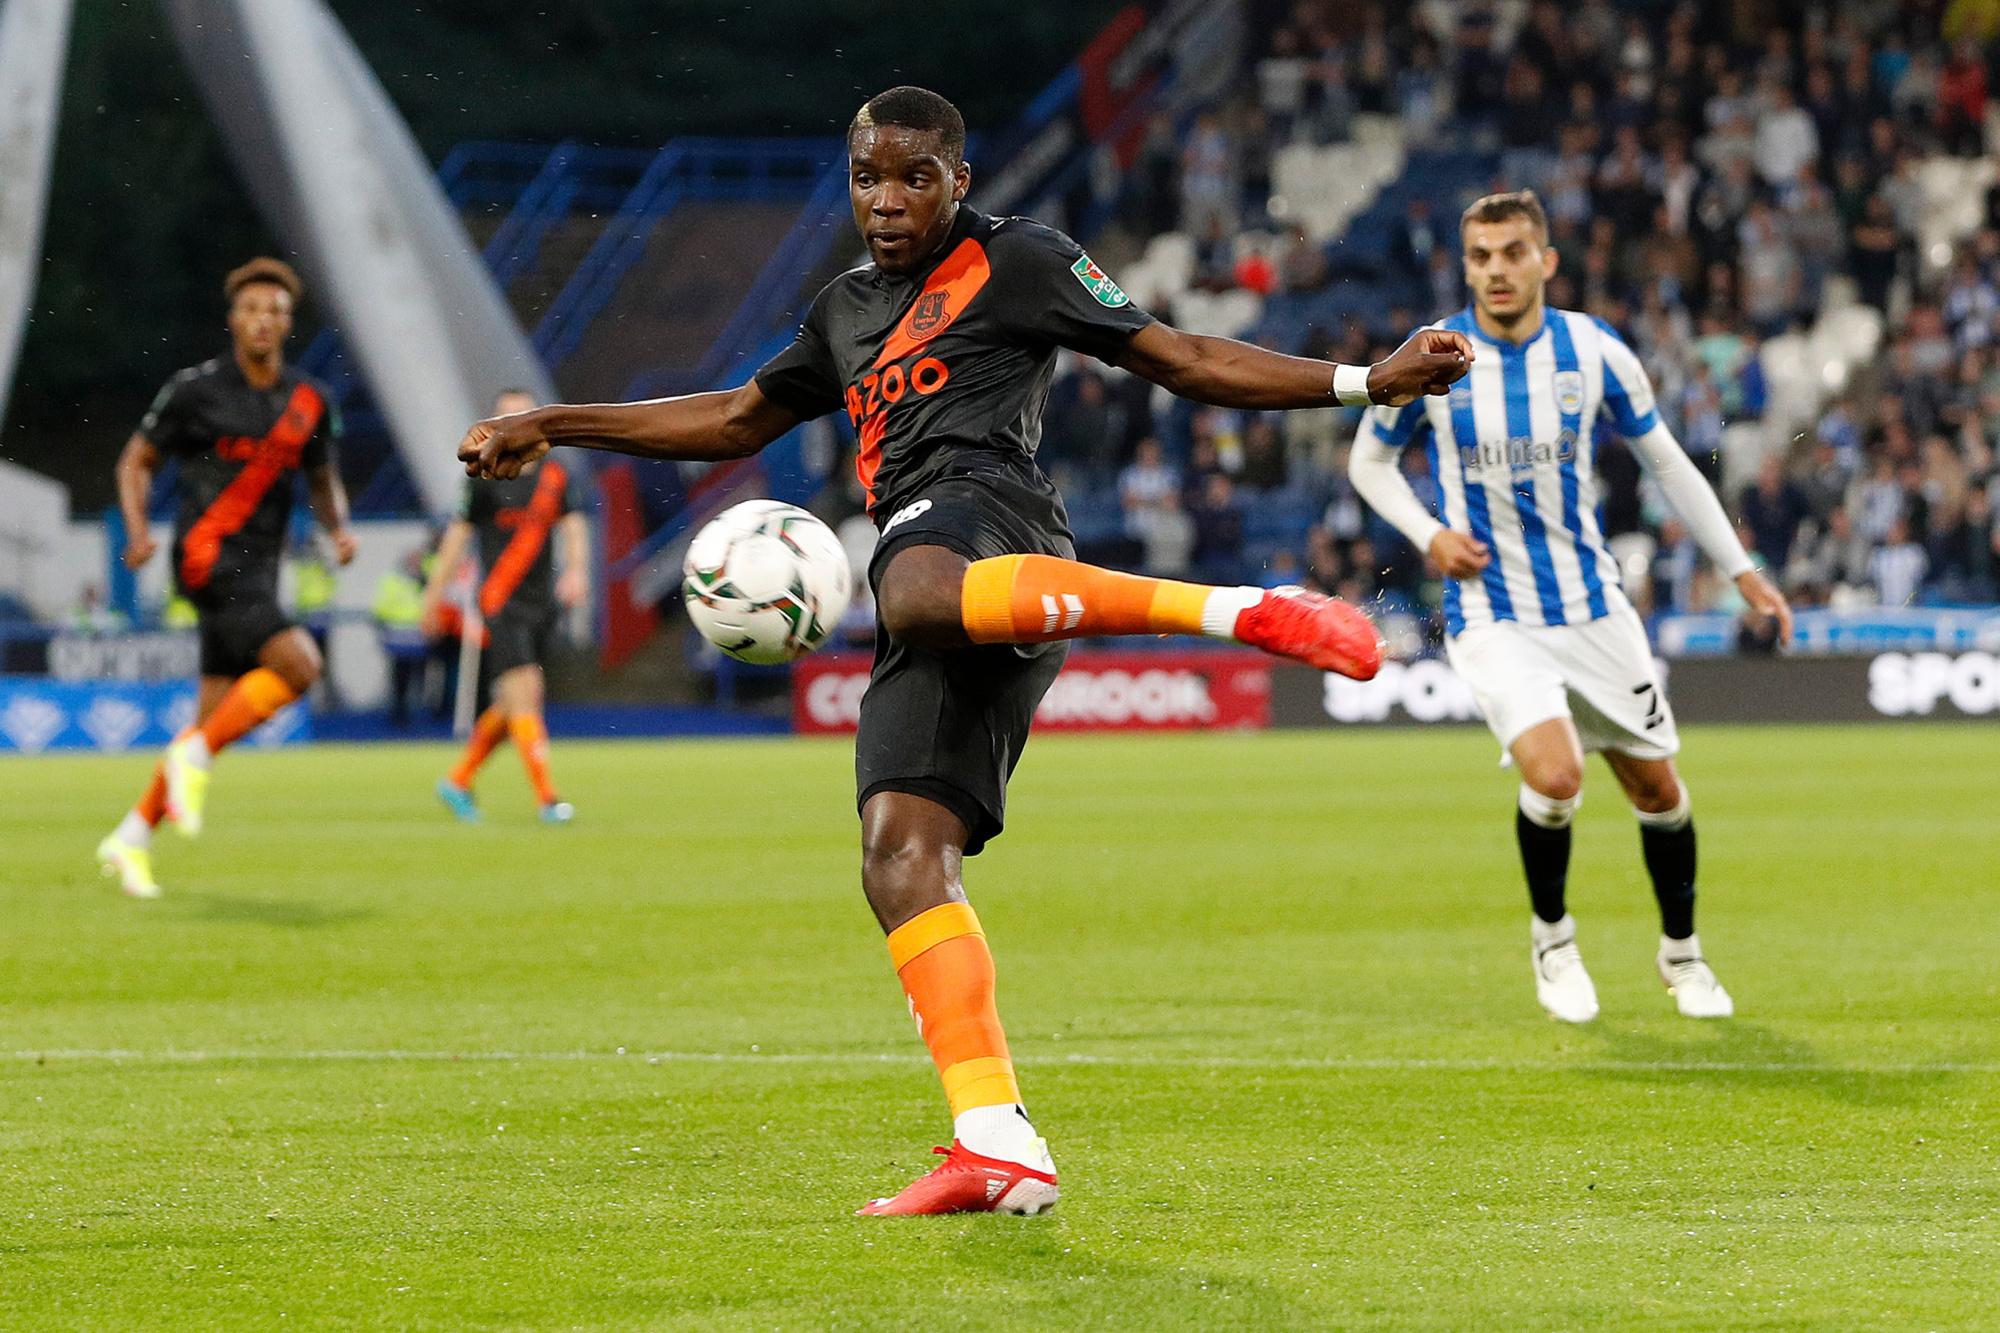 Niels Nkounkou débarque d'Everton pour renforcer le secteur défensif du Standard., belga